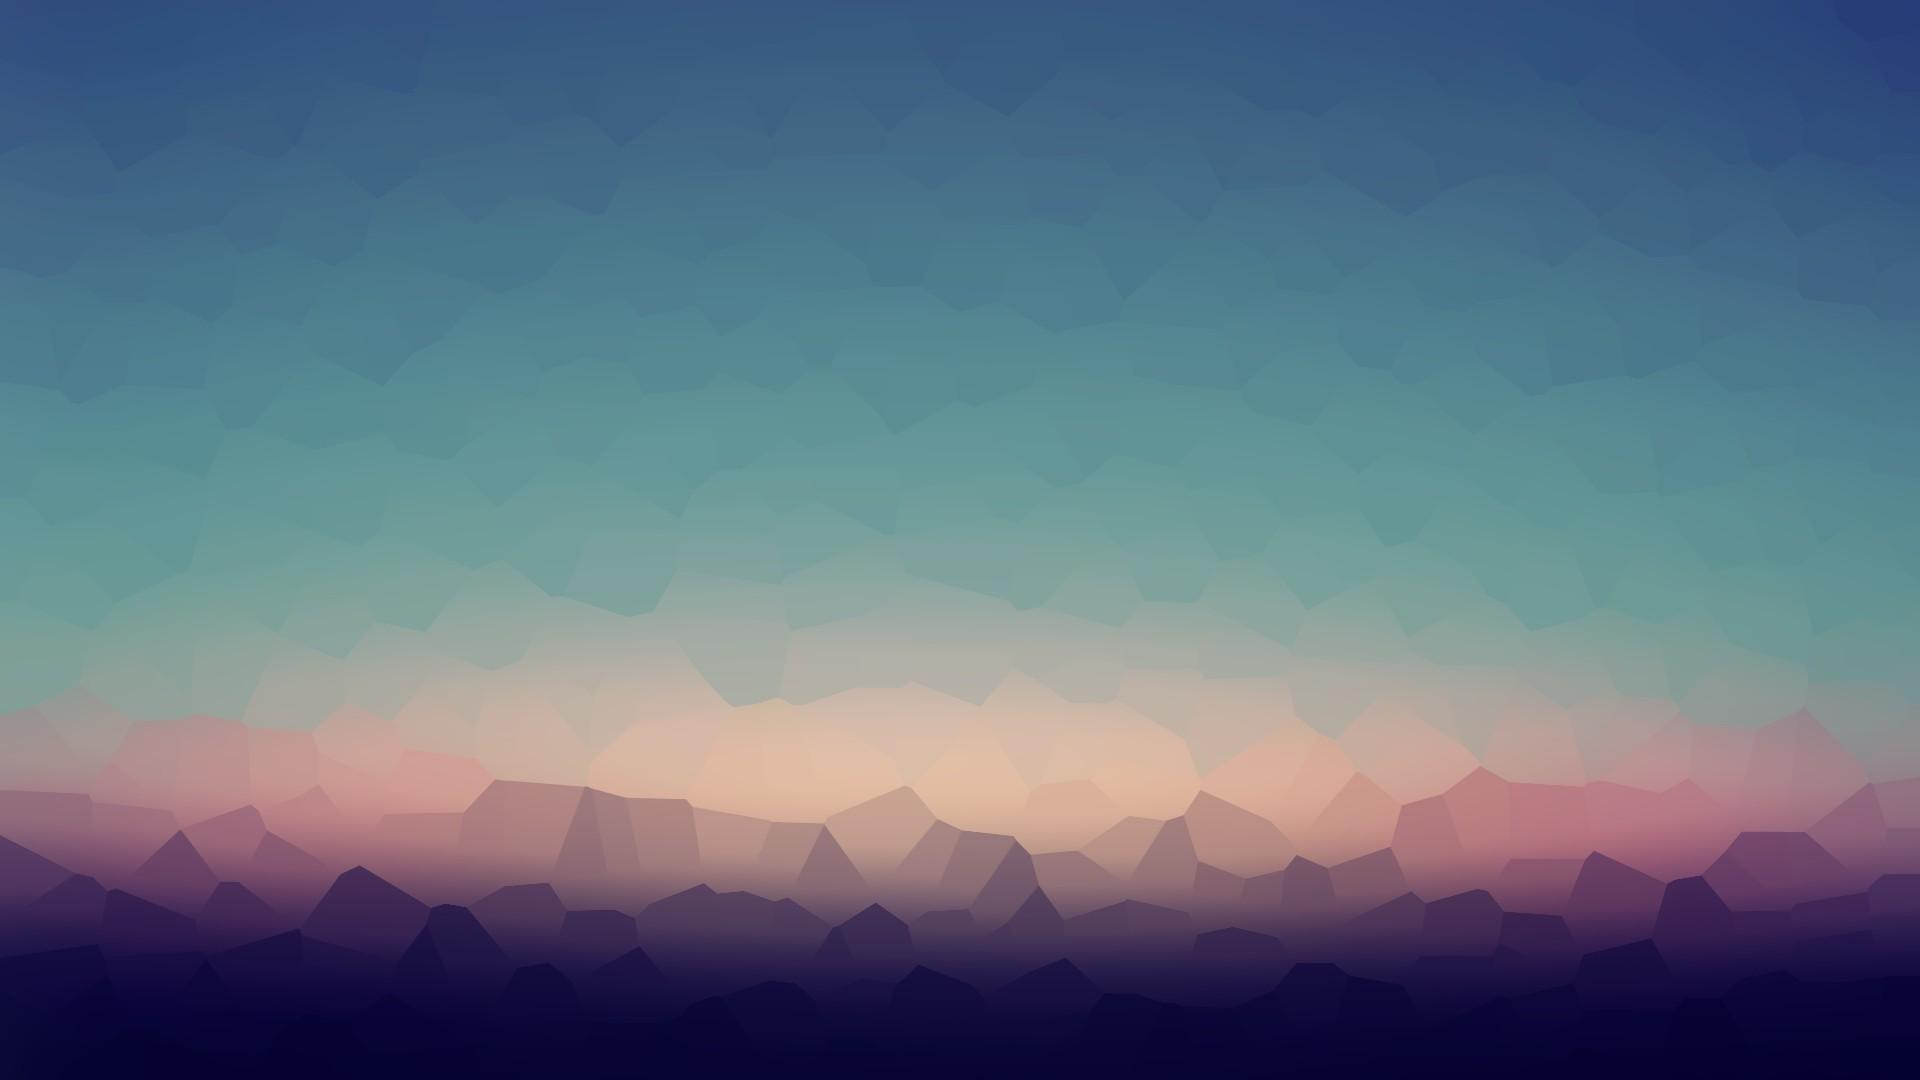 basic desktop wallpaper wallpapersafari